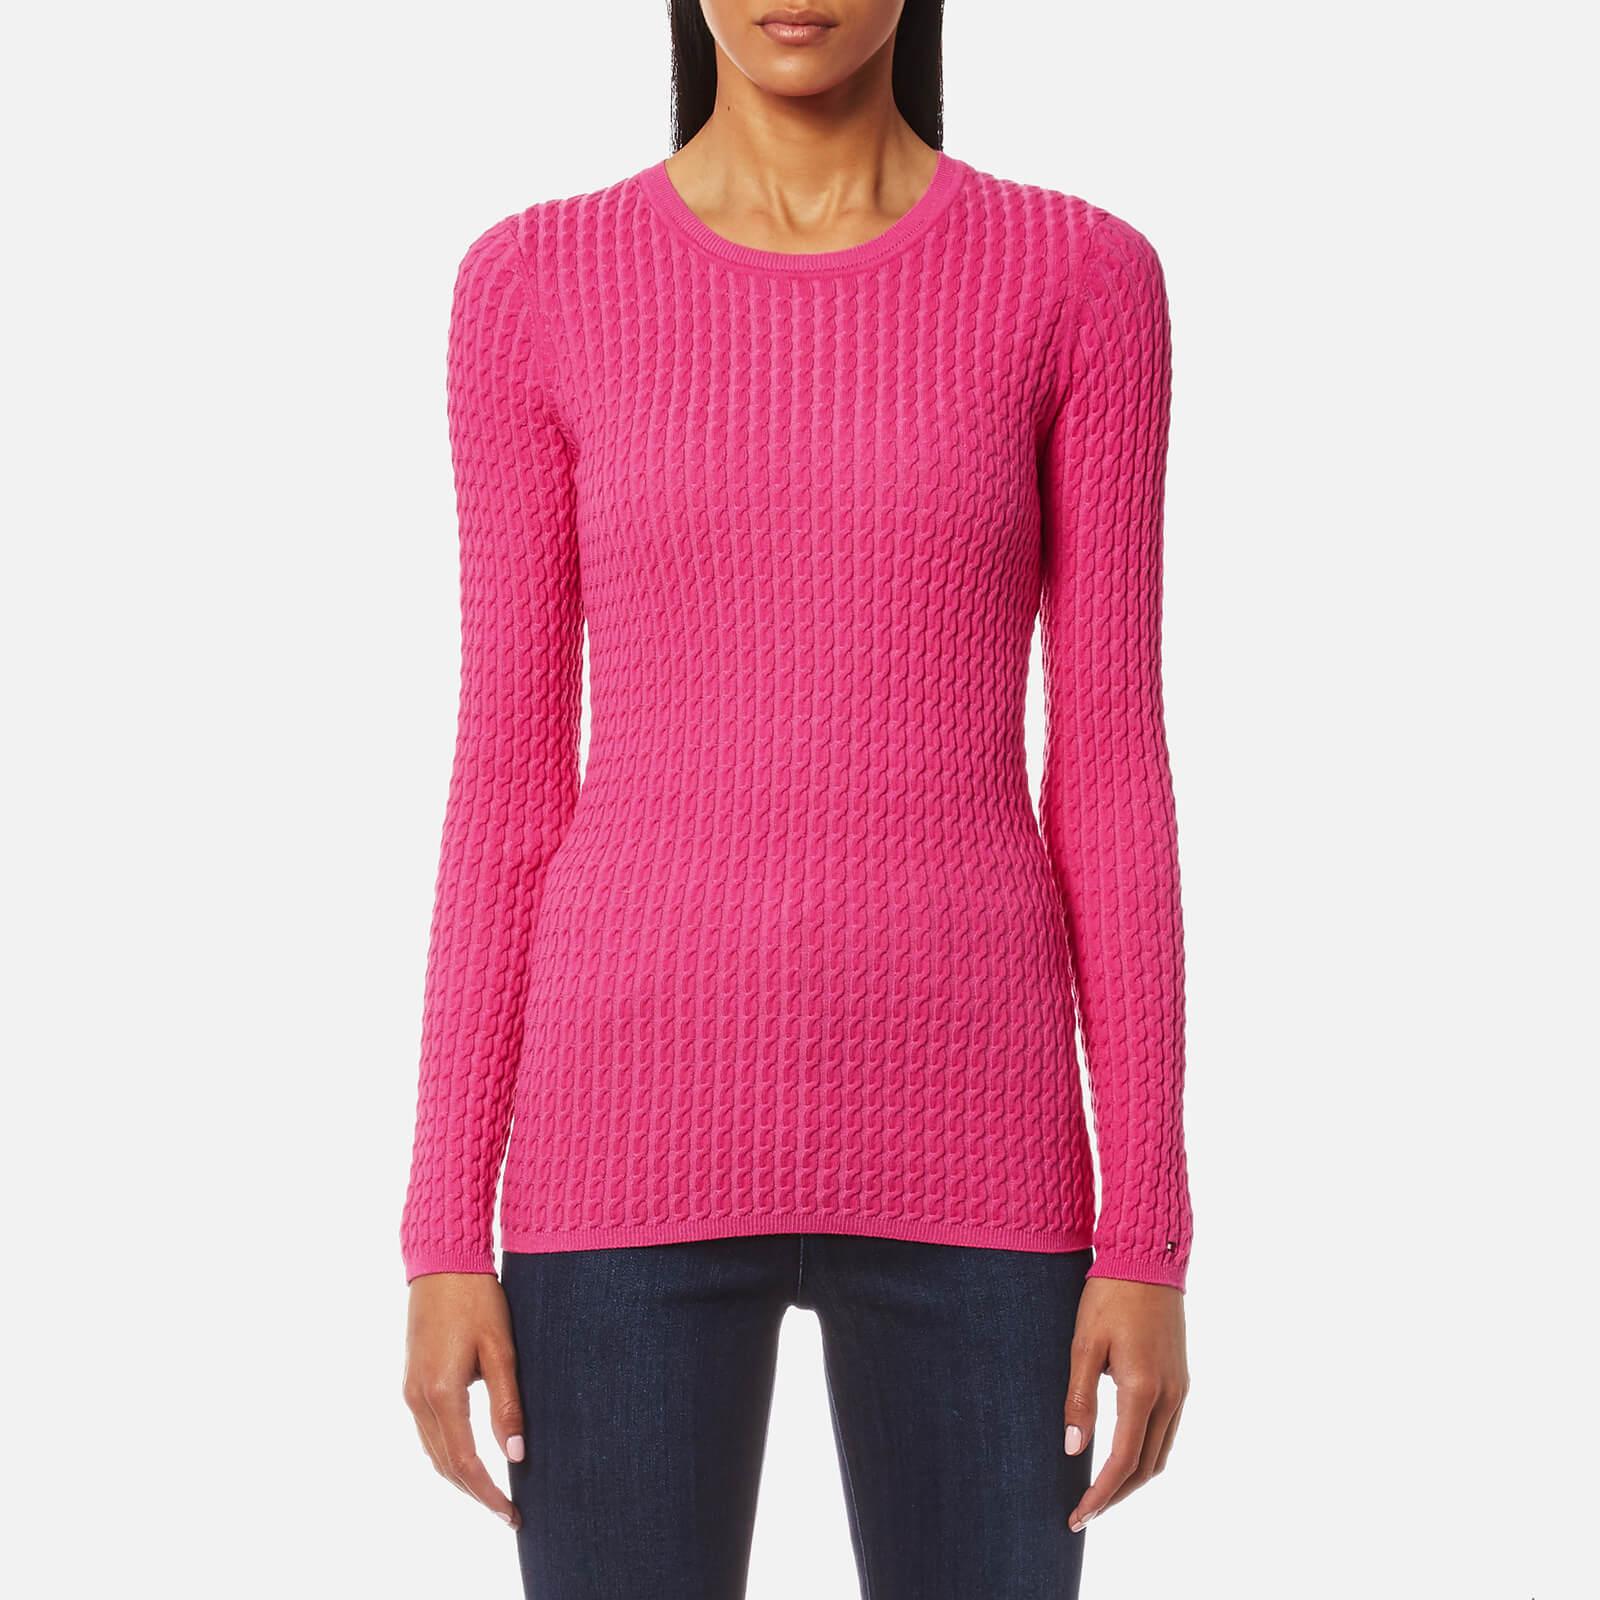 250deb48d45 Tommy Hilfiger Women's Gena Cable Crew Neck Jumper - Magenta Womens  Clothing | TheHut.com